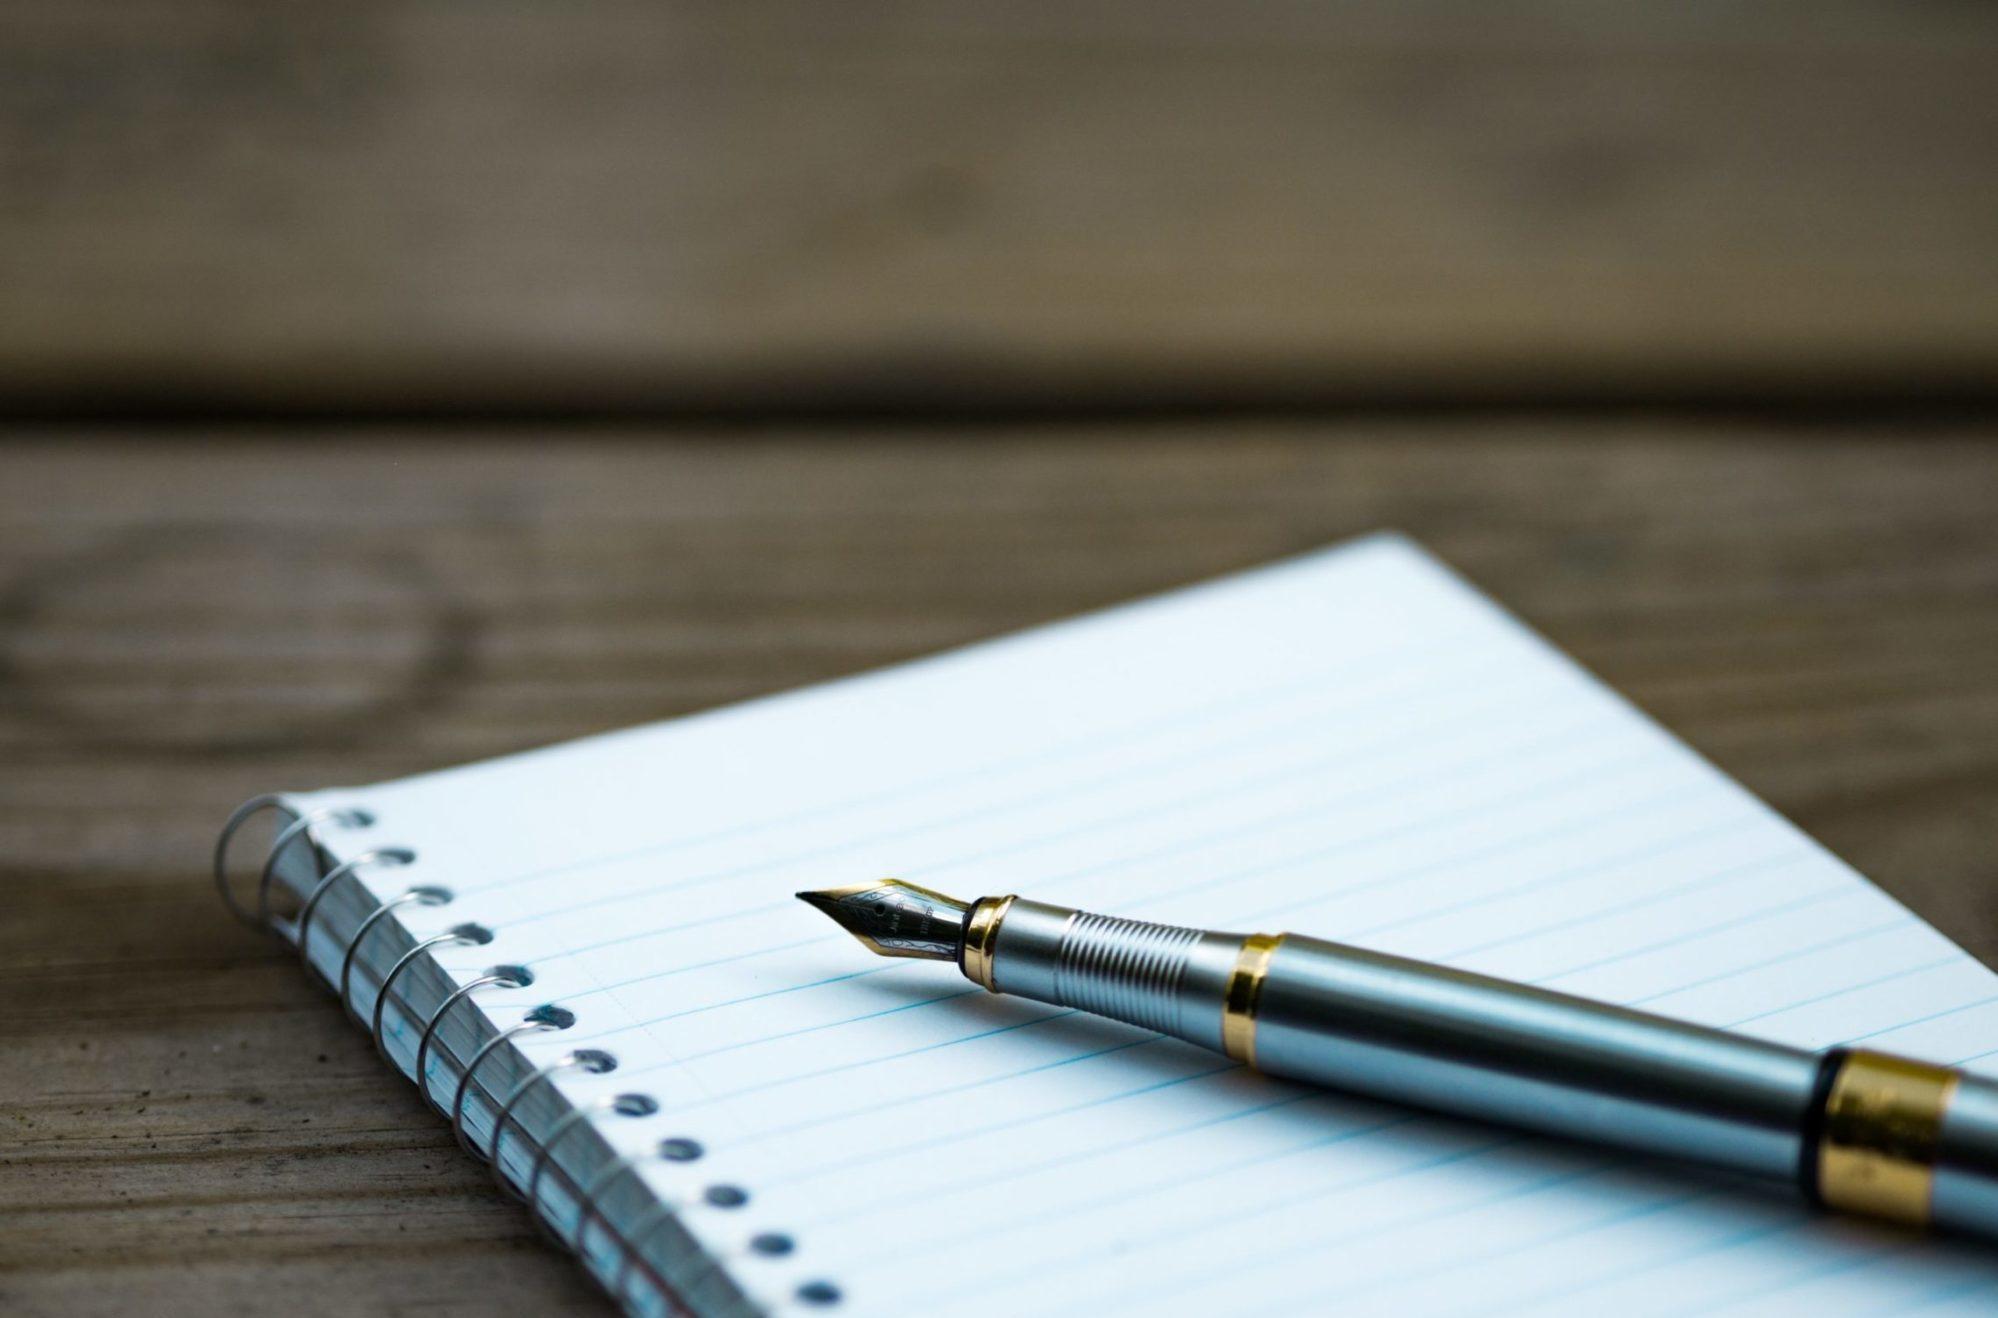 Les 5 règles d'or d'un bon storytelling